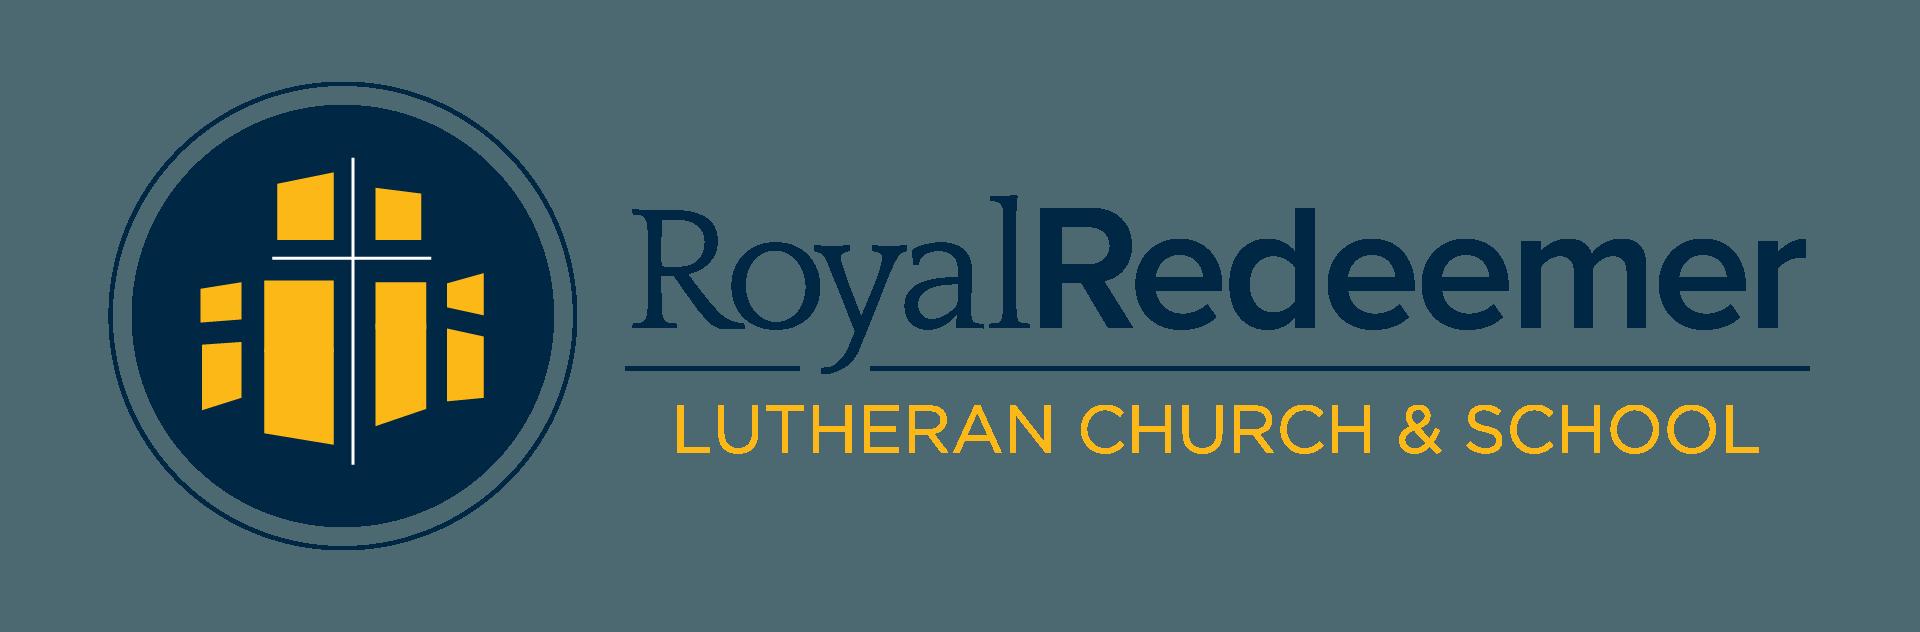 Royal Redeemer